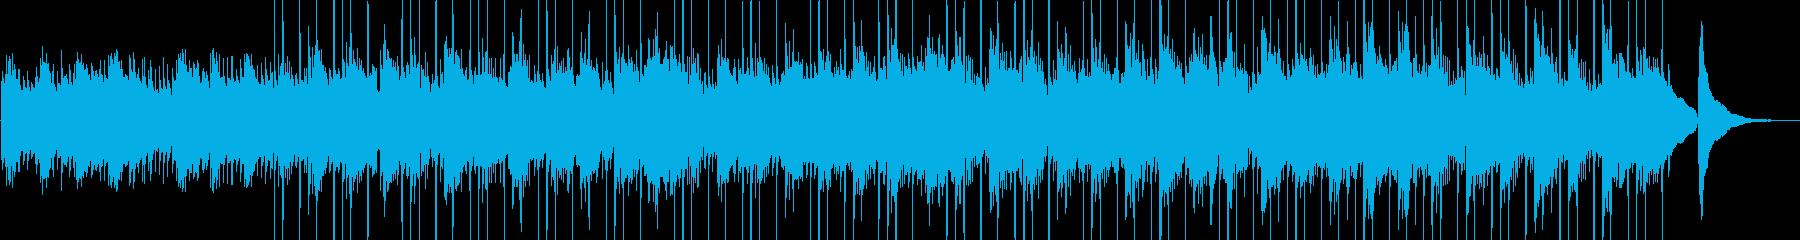 Beautiful Acousticの再生済みの波形